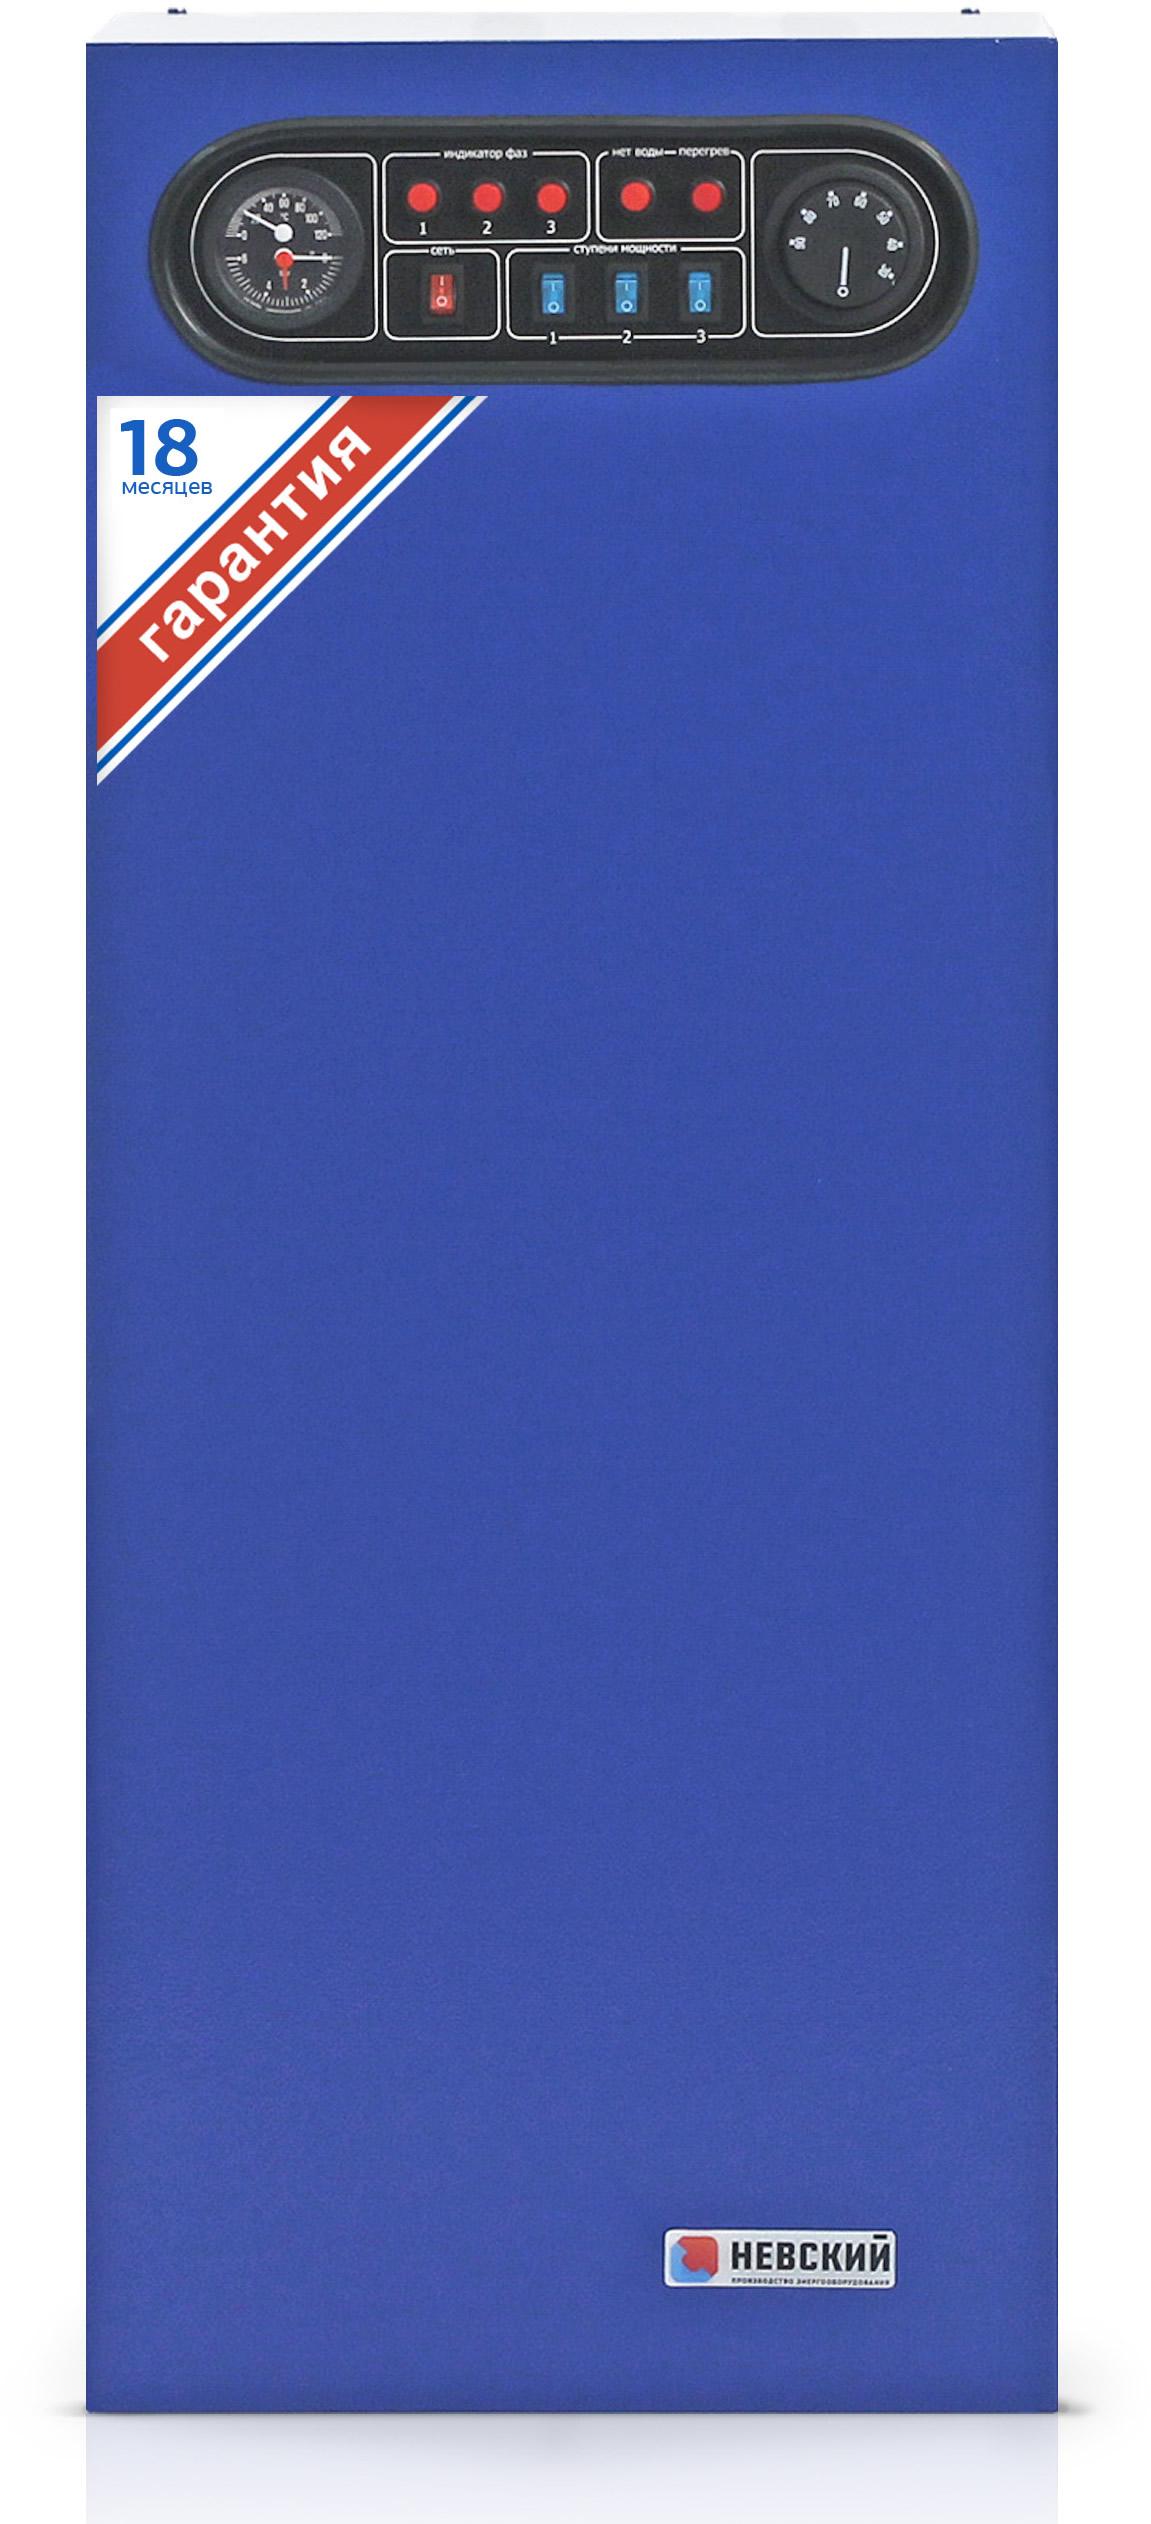 Электрический котел класс Универсал 35 кВт